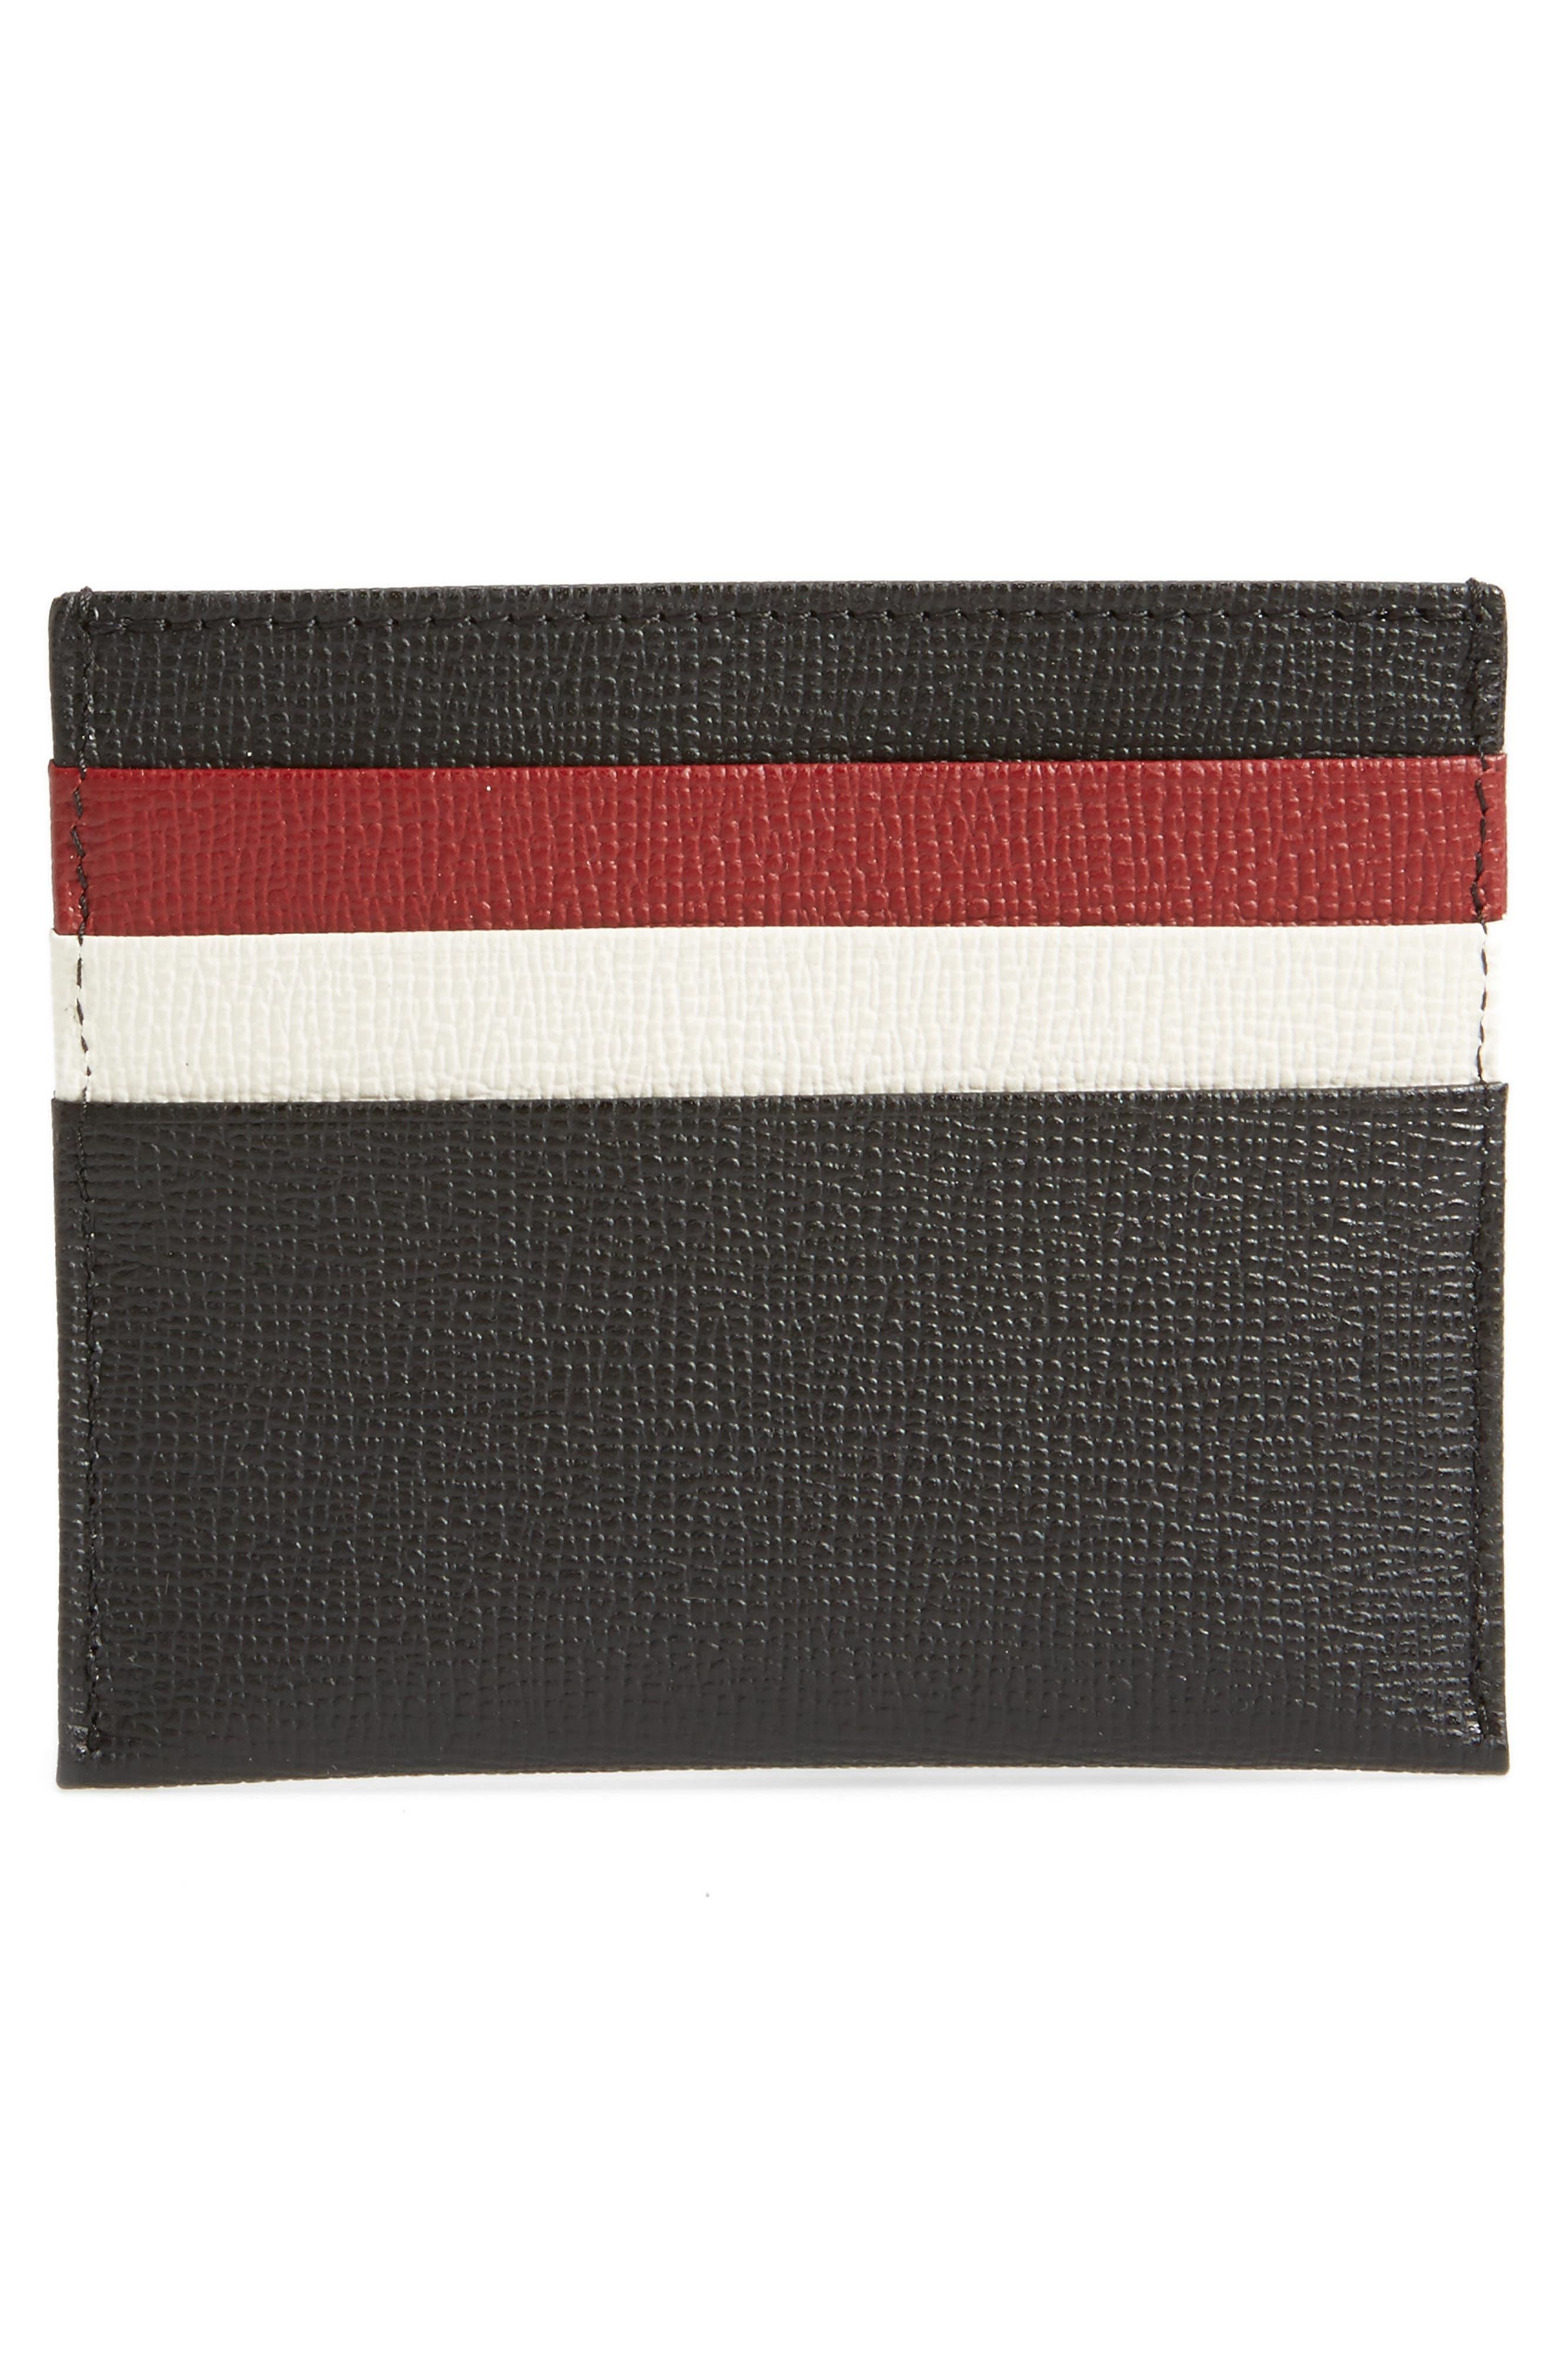 Effrontée Slim Leather Card Case,                             Alternate thumbnail 2, color,                             Red Lacquer